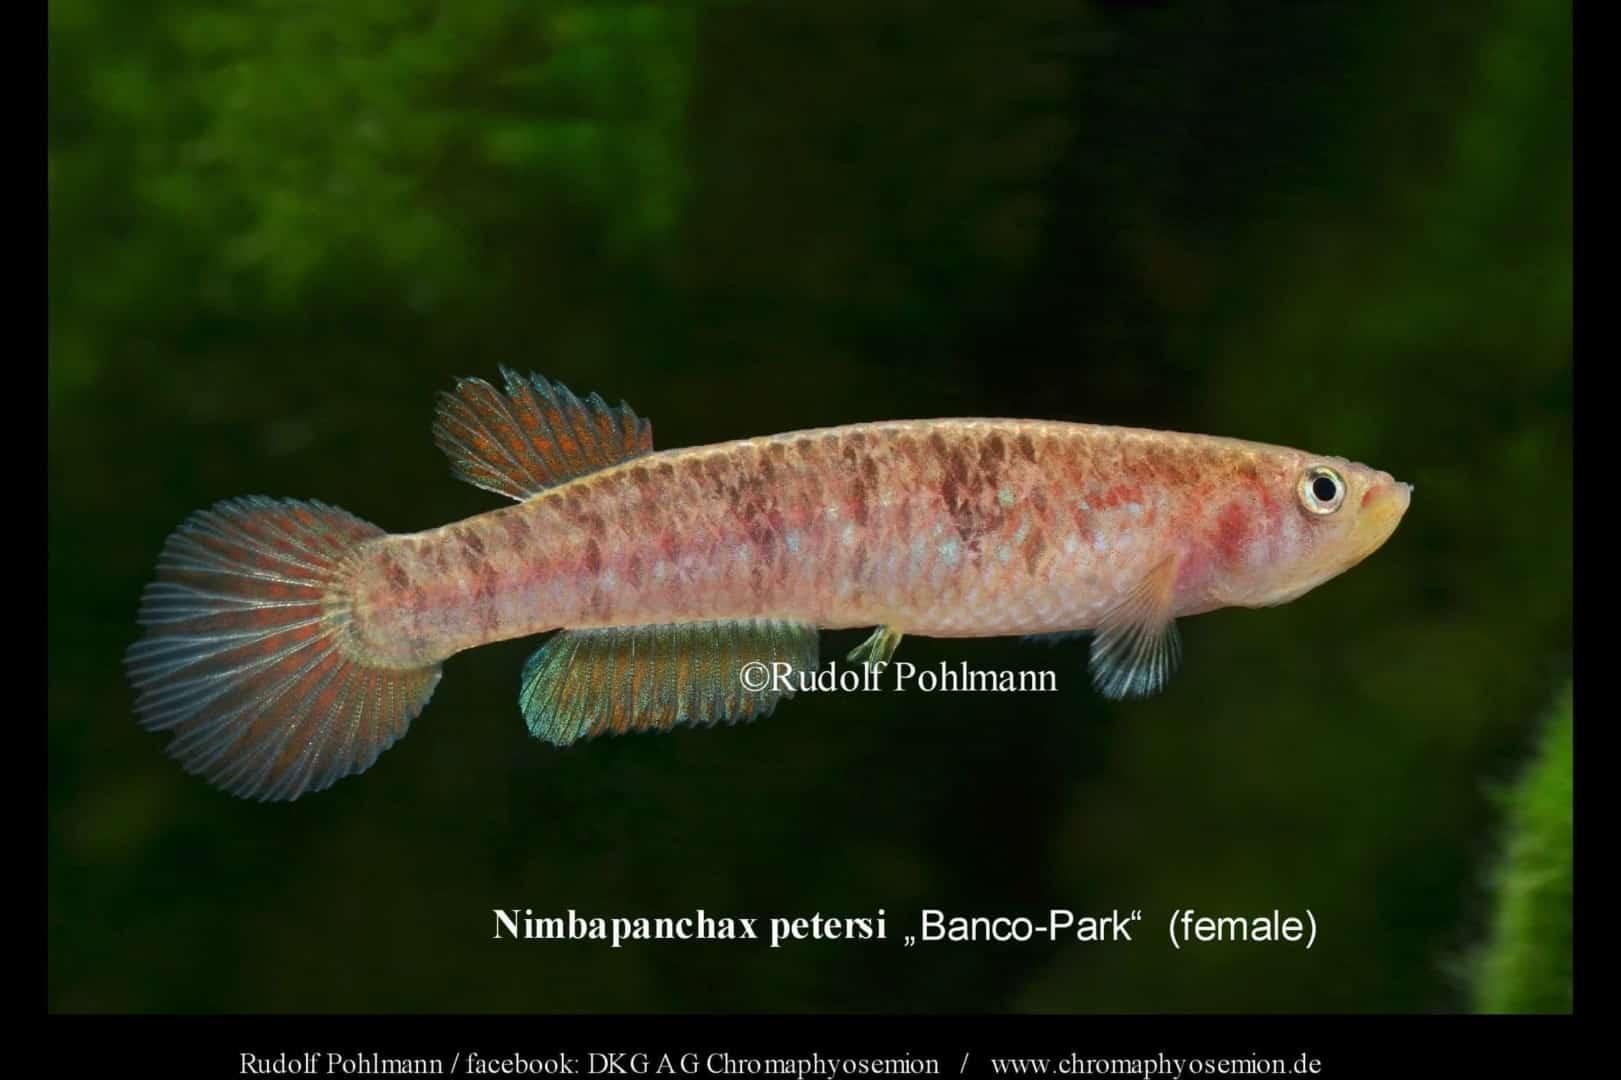 Nimbapanchax petersi 1